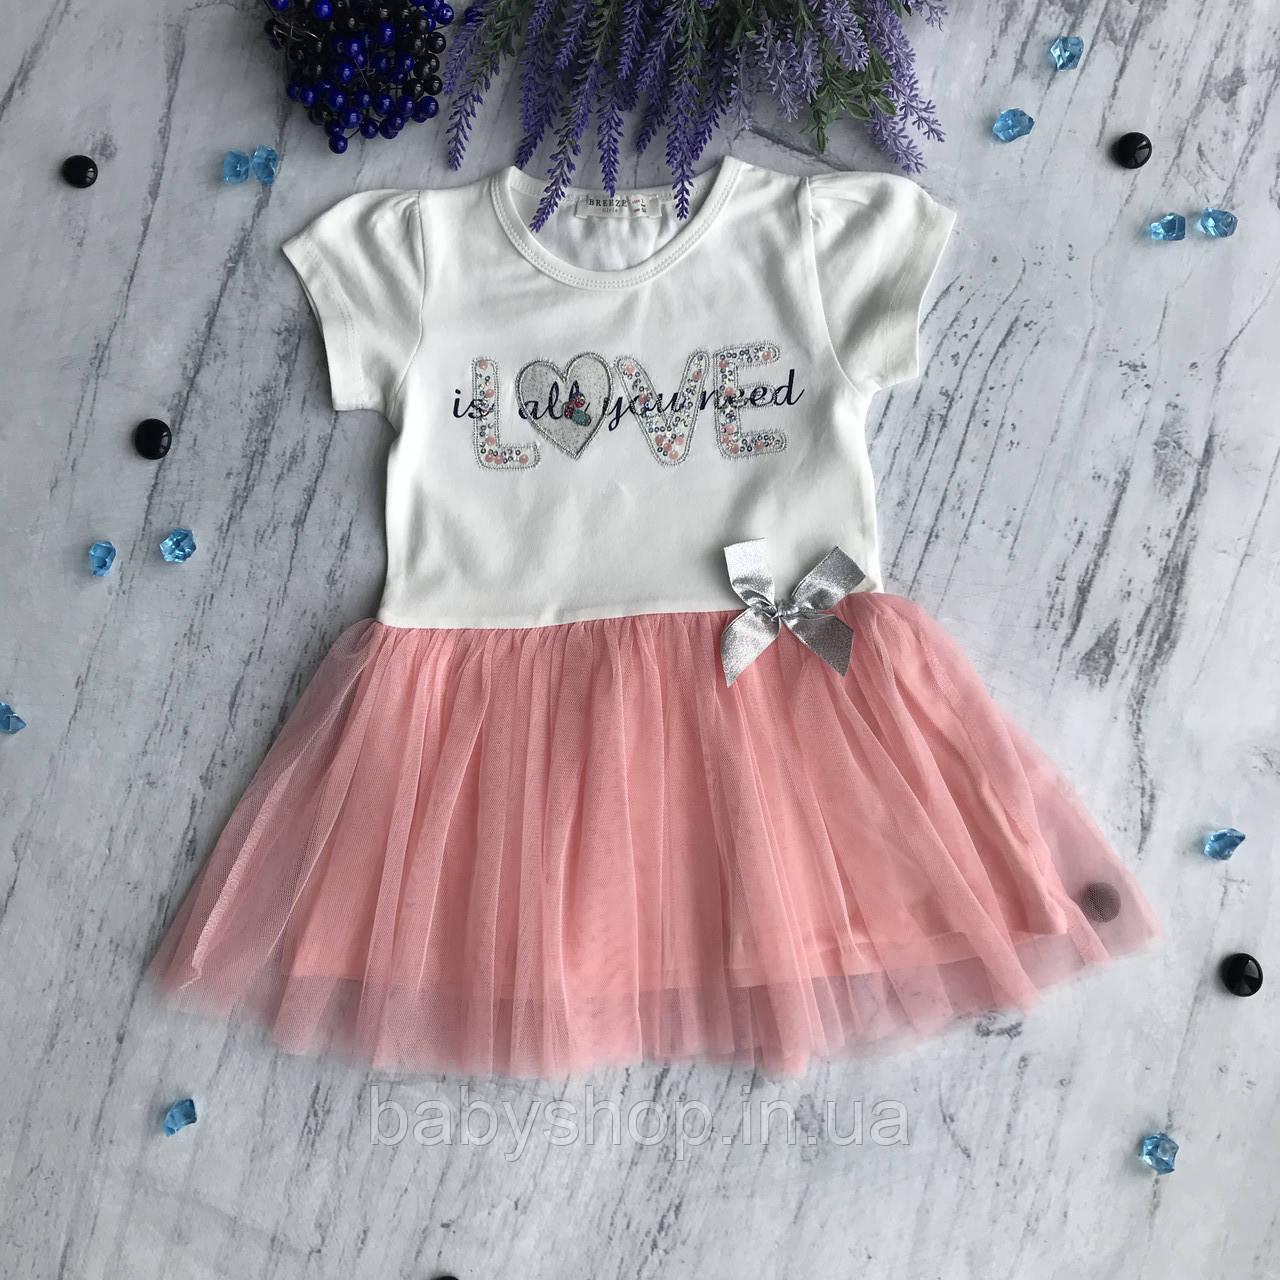 Летнее платье на девочку Breeze 12-1/2. Размеры  92 см, 98 см, 104 см, 110 см, 116 см